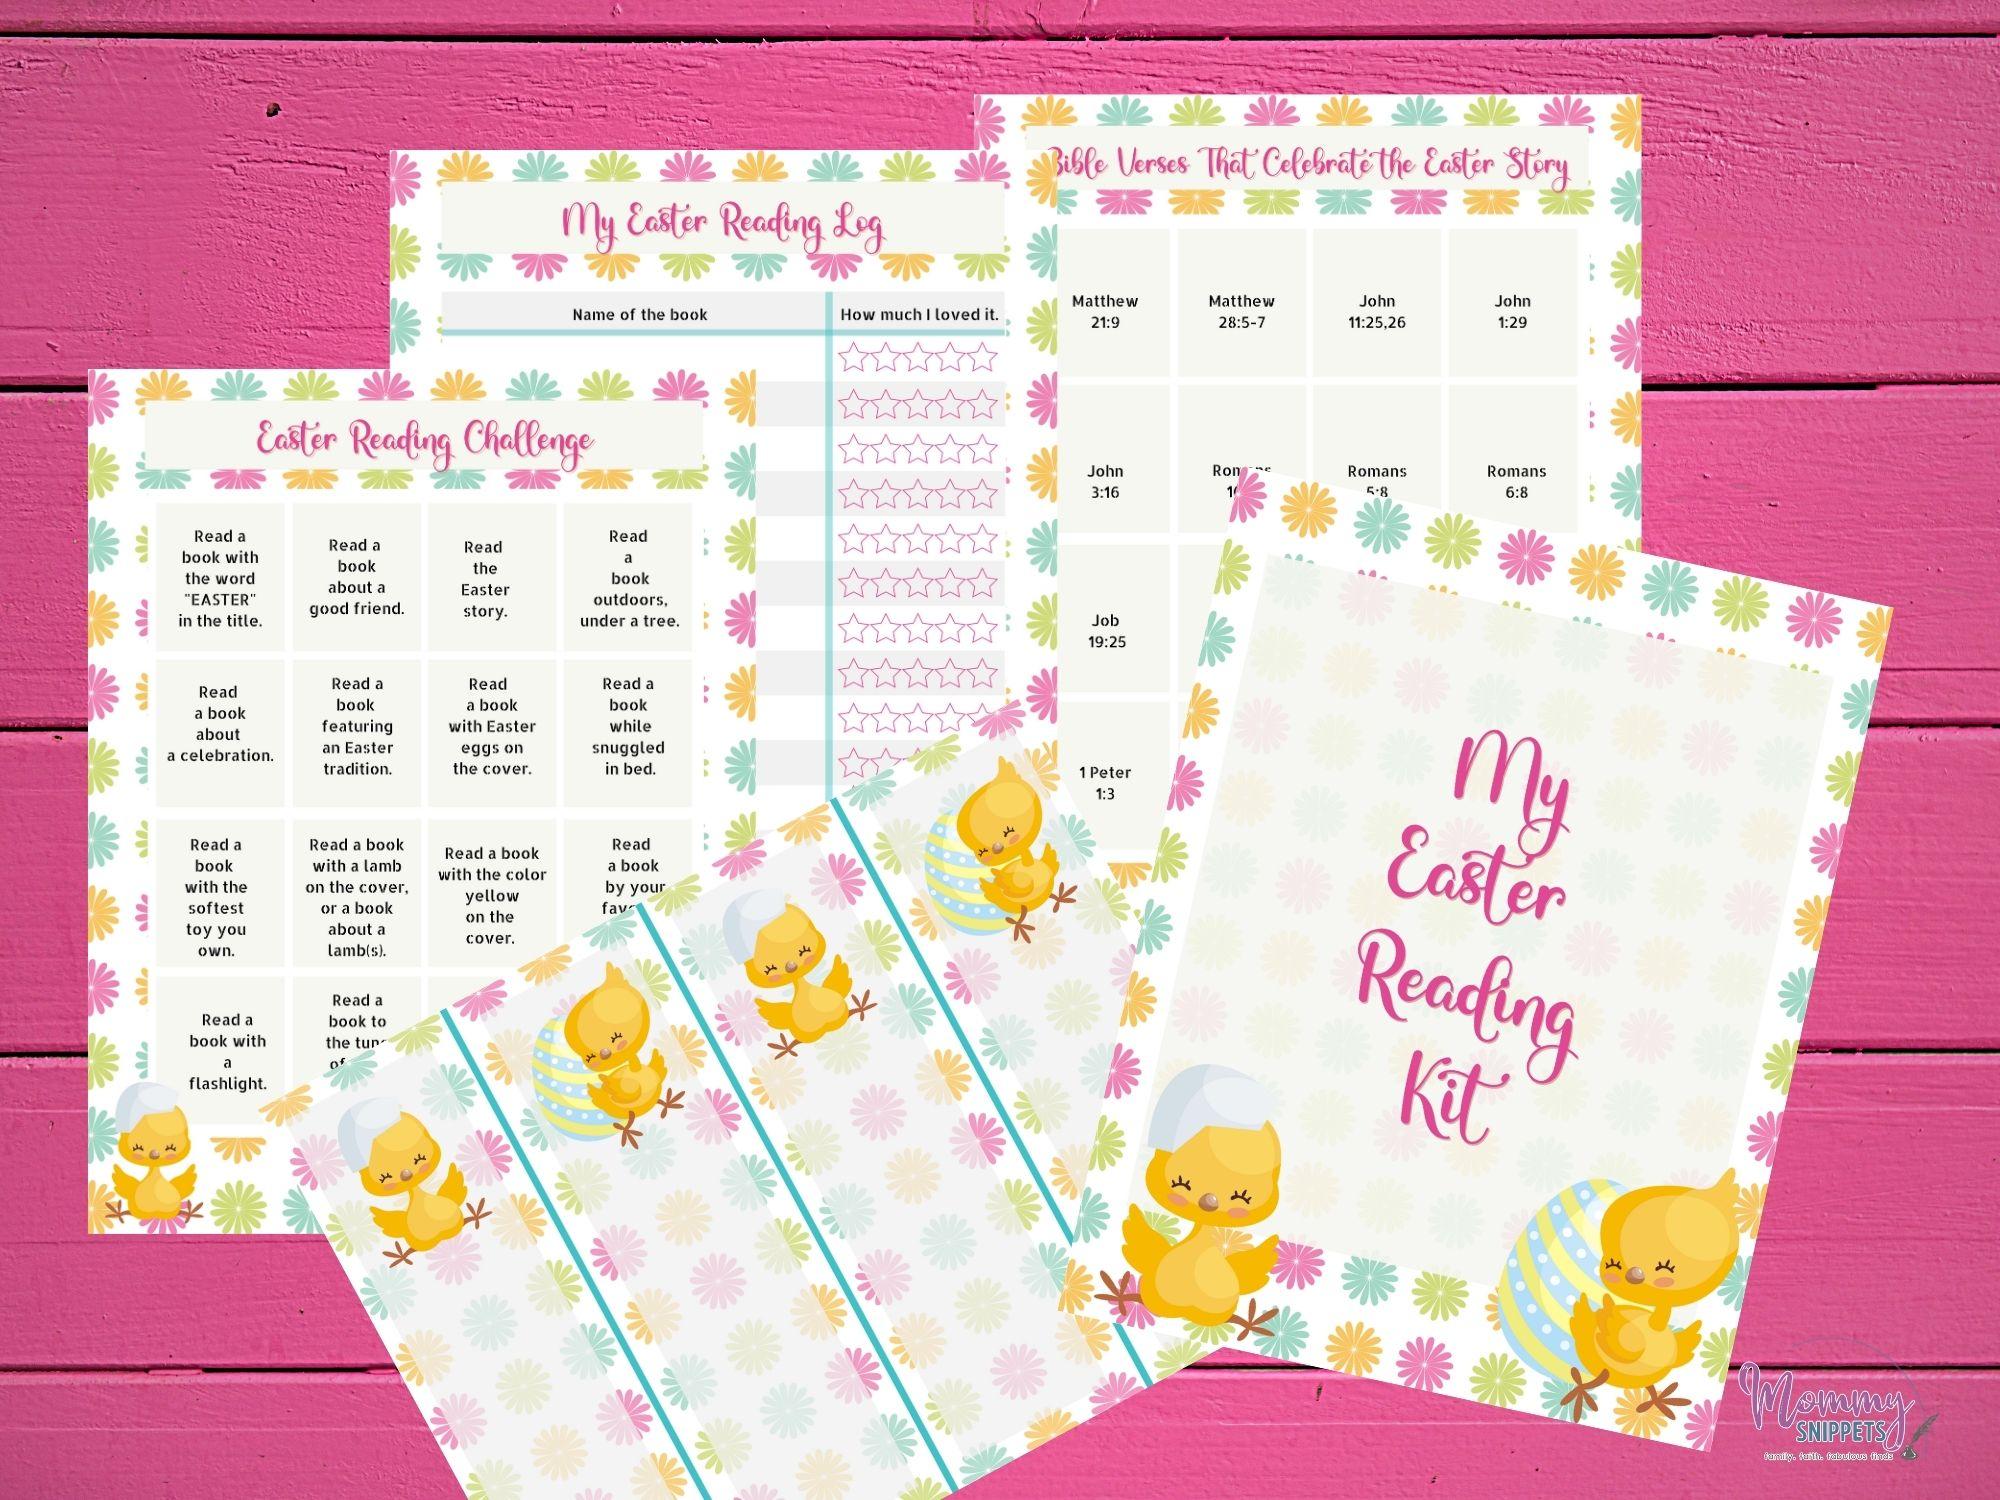 Easter Reading Challenge Kit